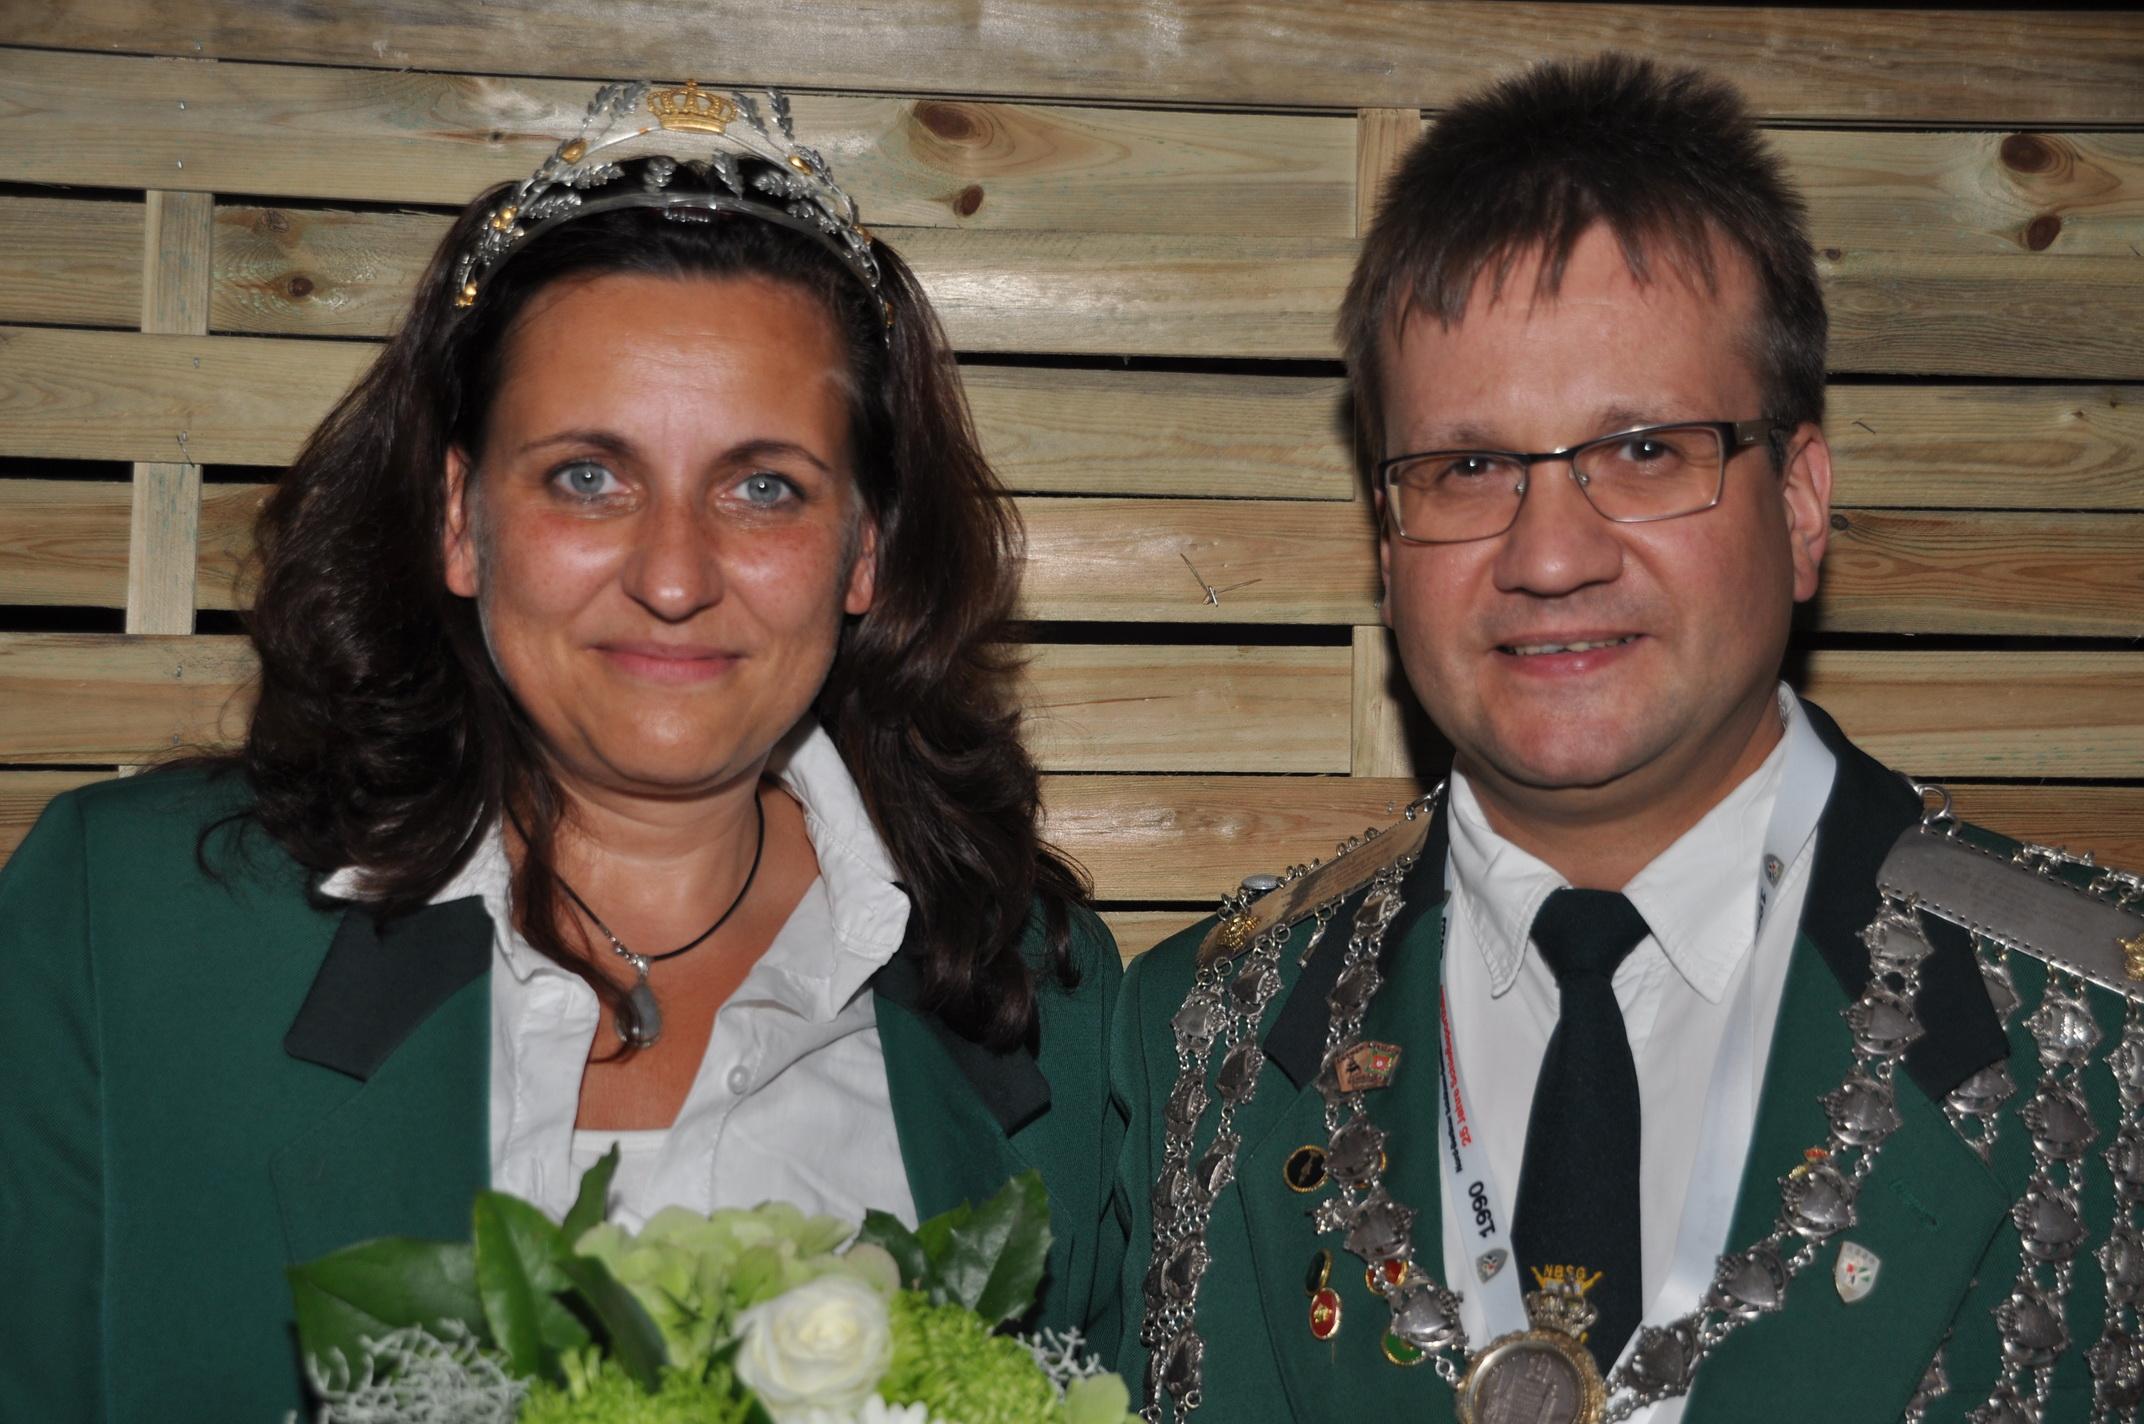 Das Königspaar 2015 / 2016 Stephanie Stapelfeld-Höftmann und Markus Grundmann